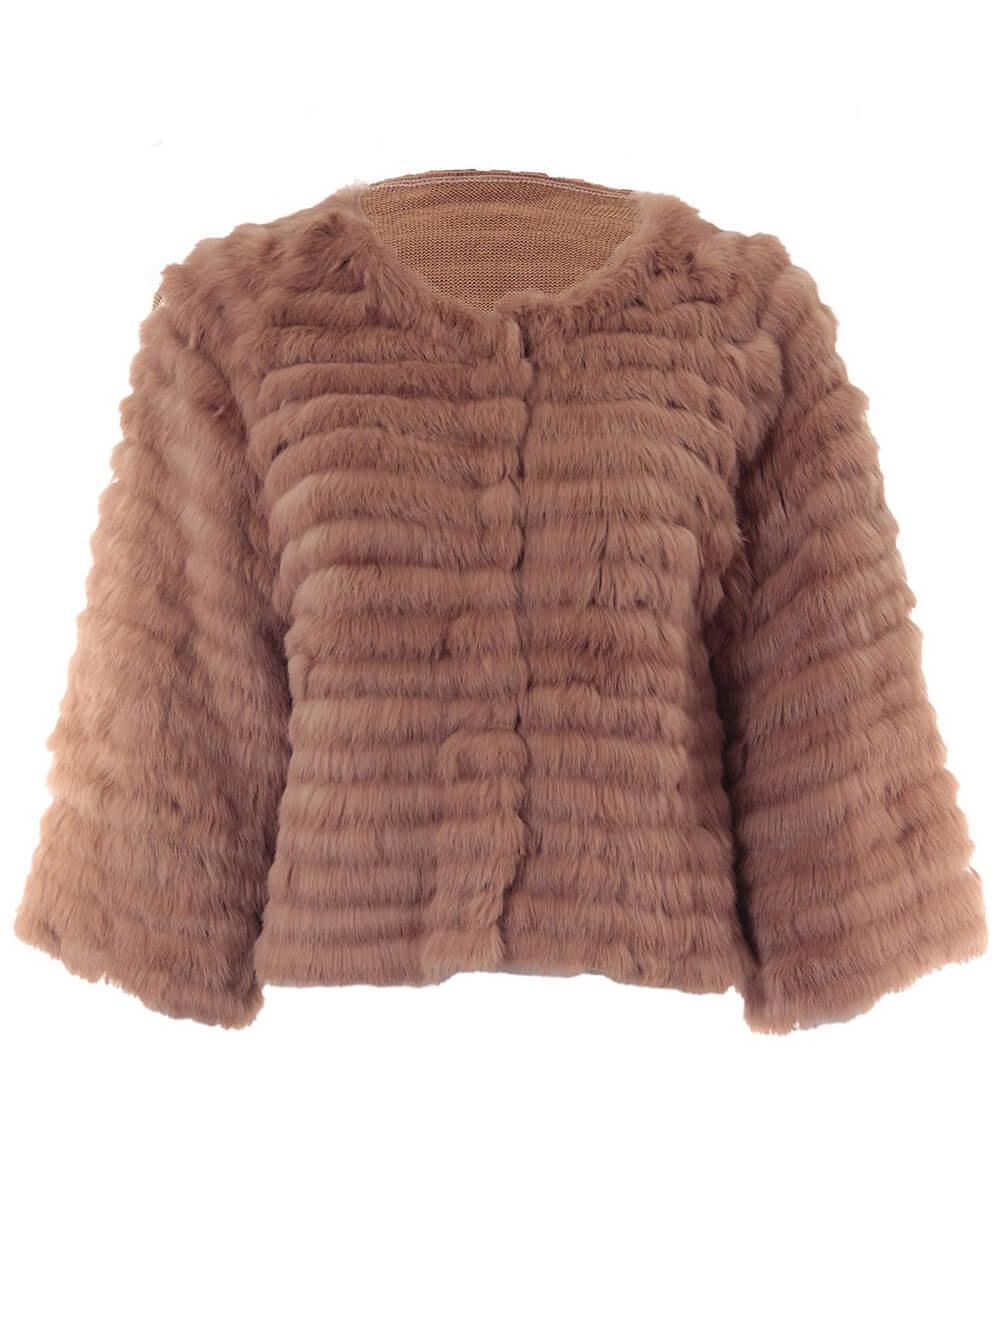 Faux Fur Coat Item # 71722-F21